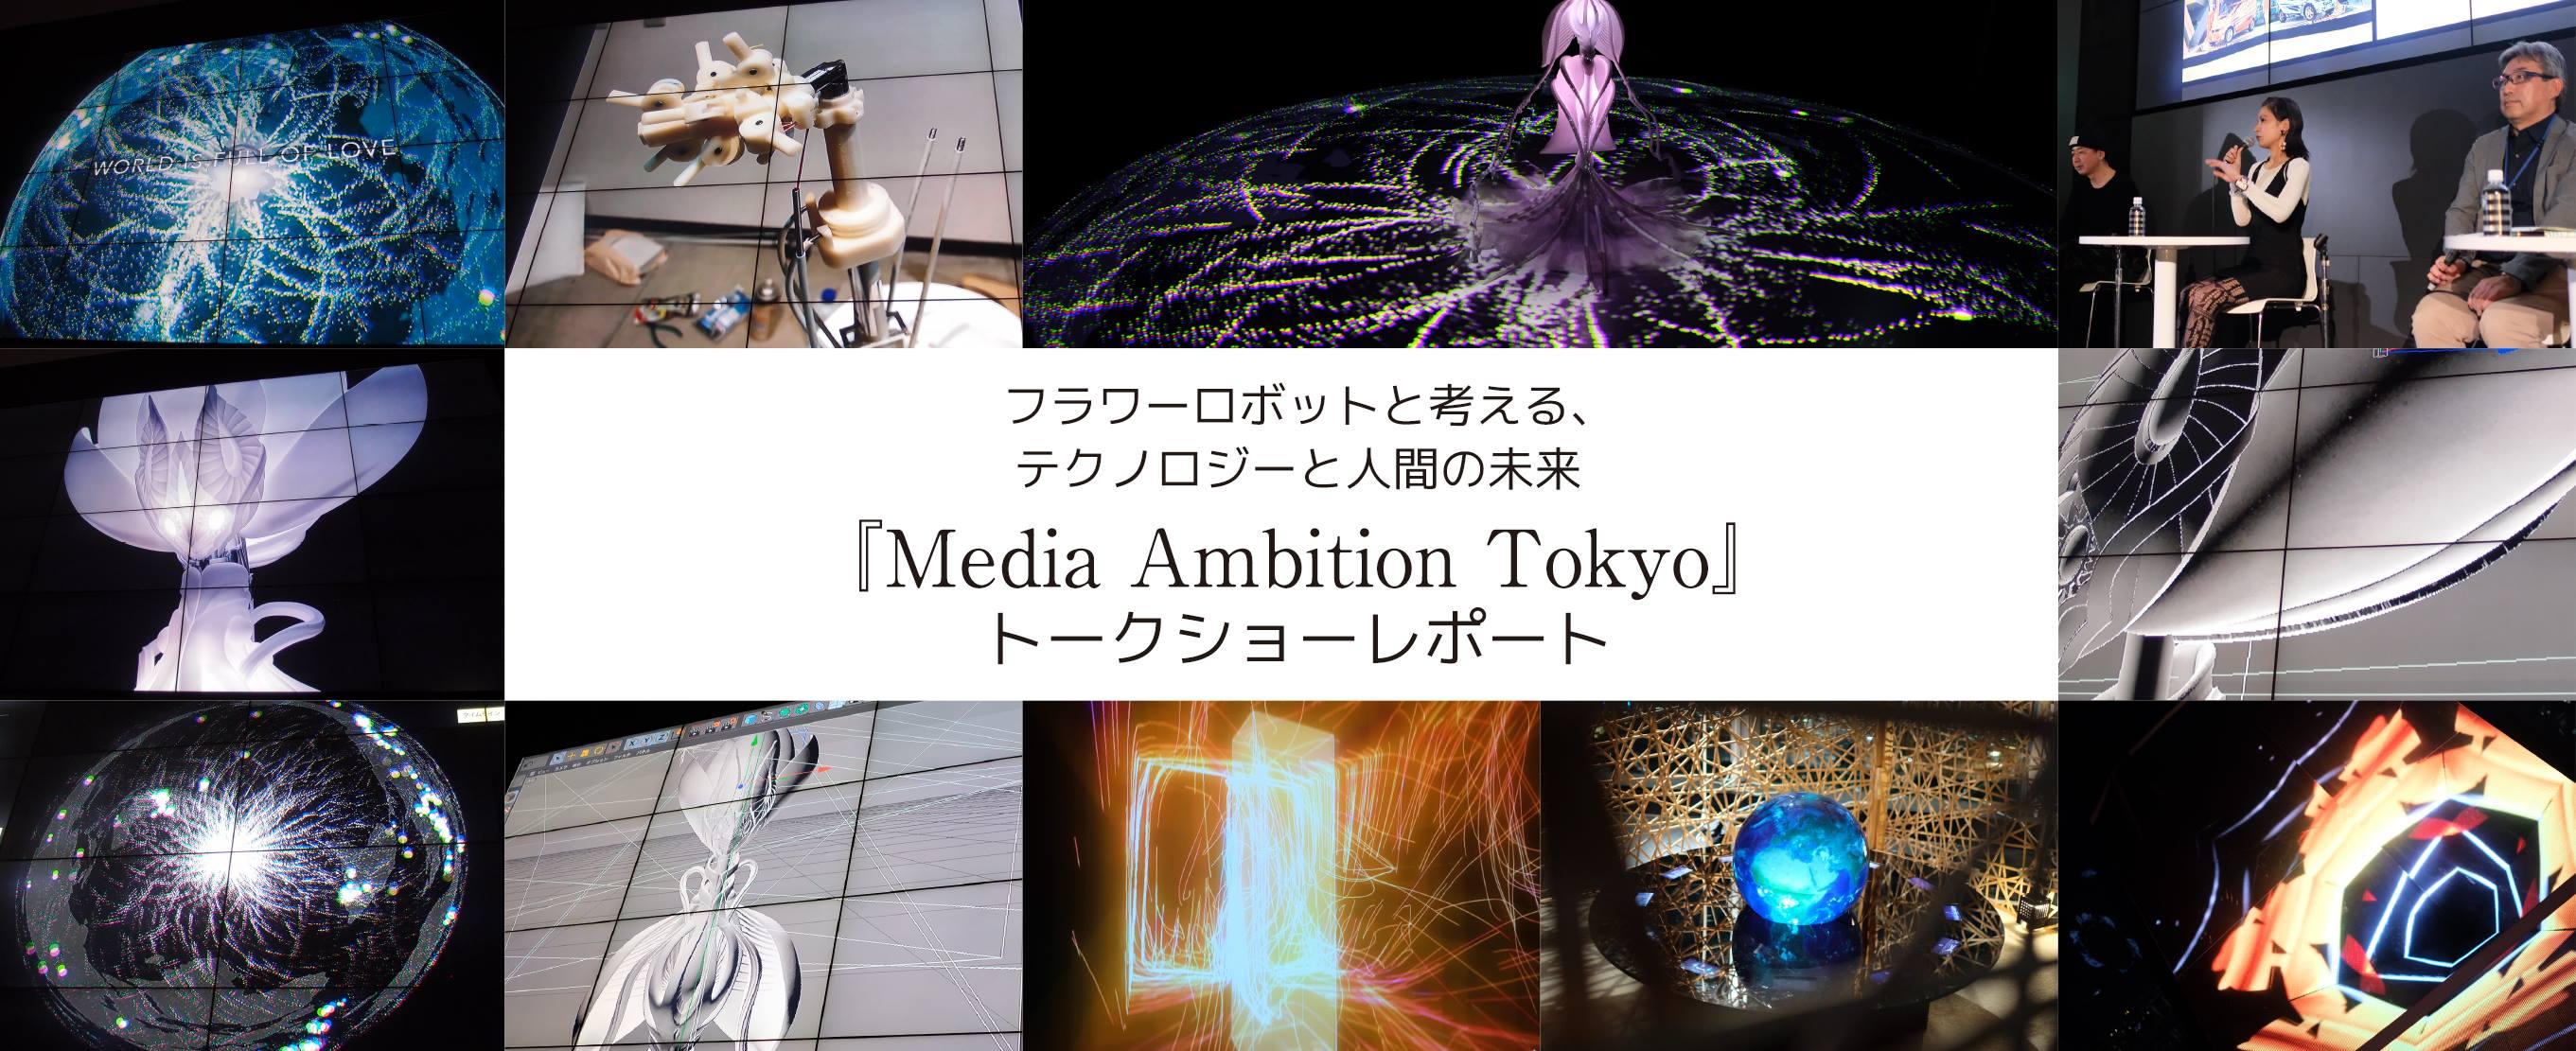 フラワーロボットと考える、テクノロジーと人間の未来『Media Ambition Tokyo』トーク